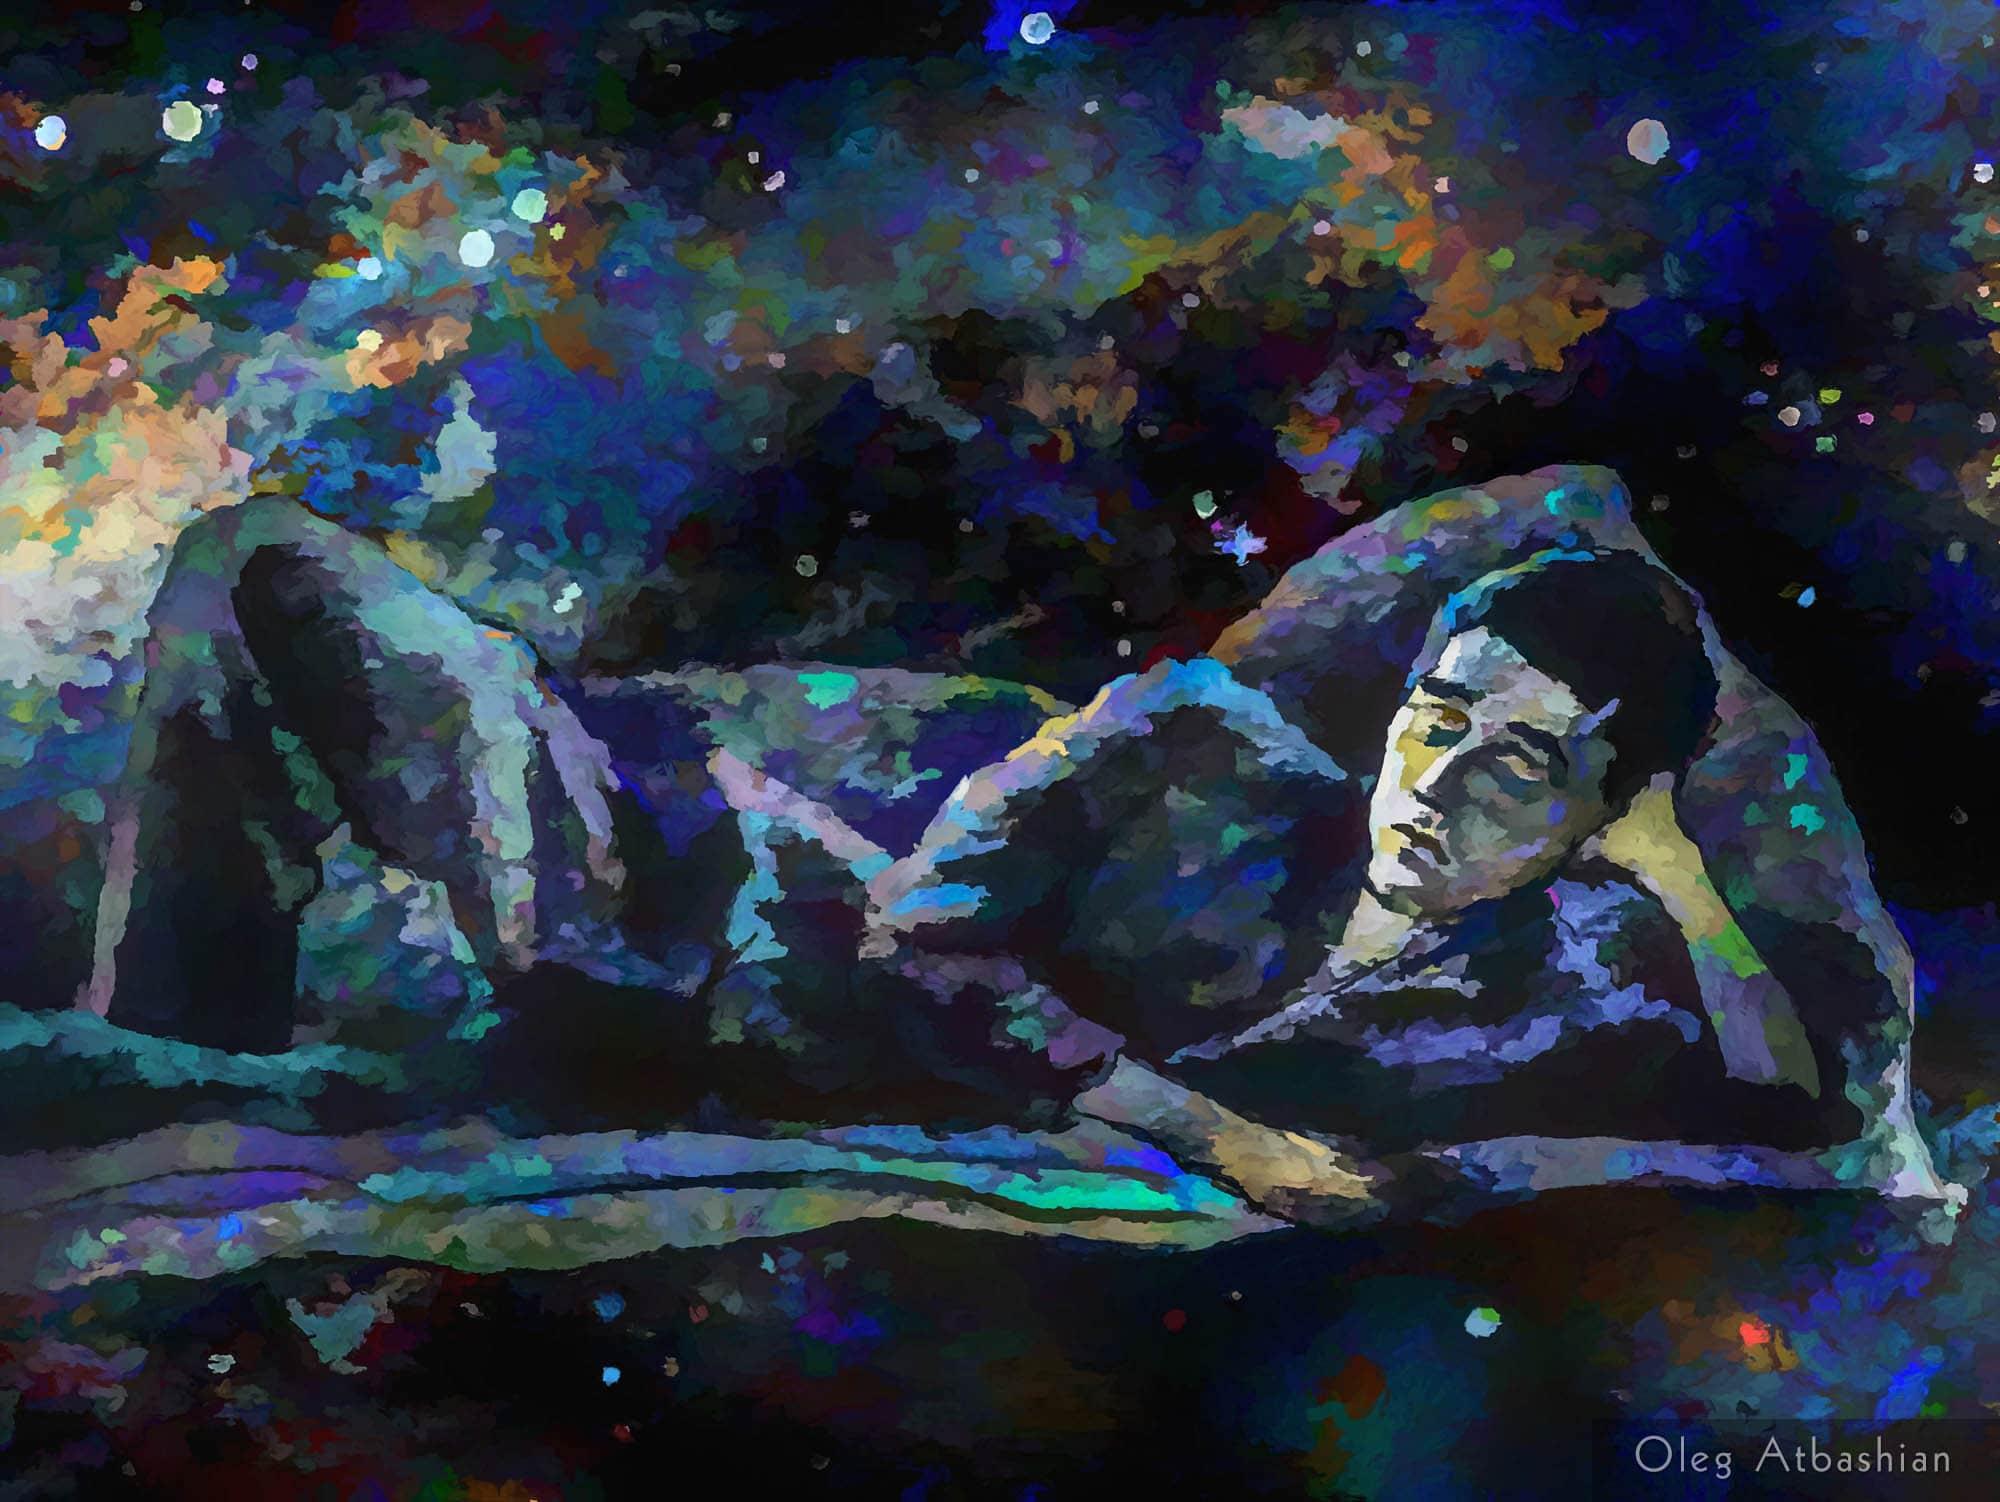 Osetin Man Flying in Sleep